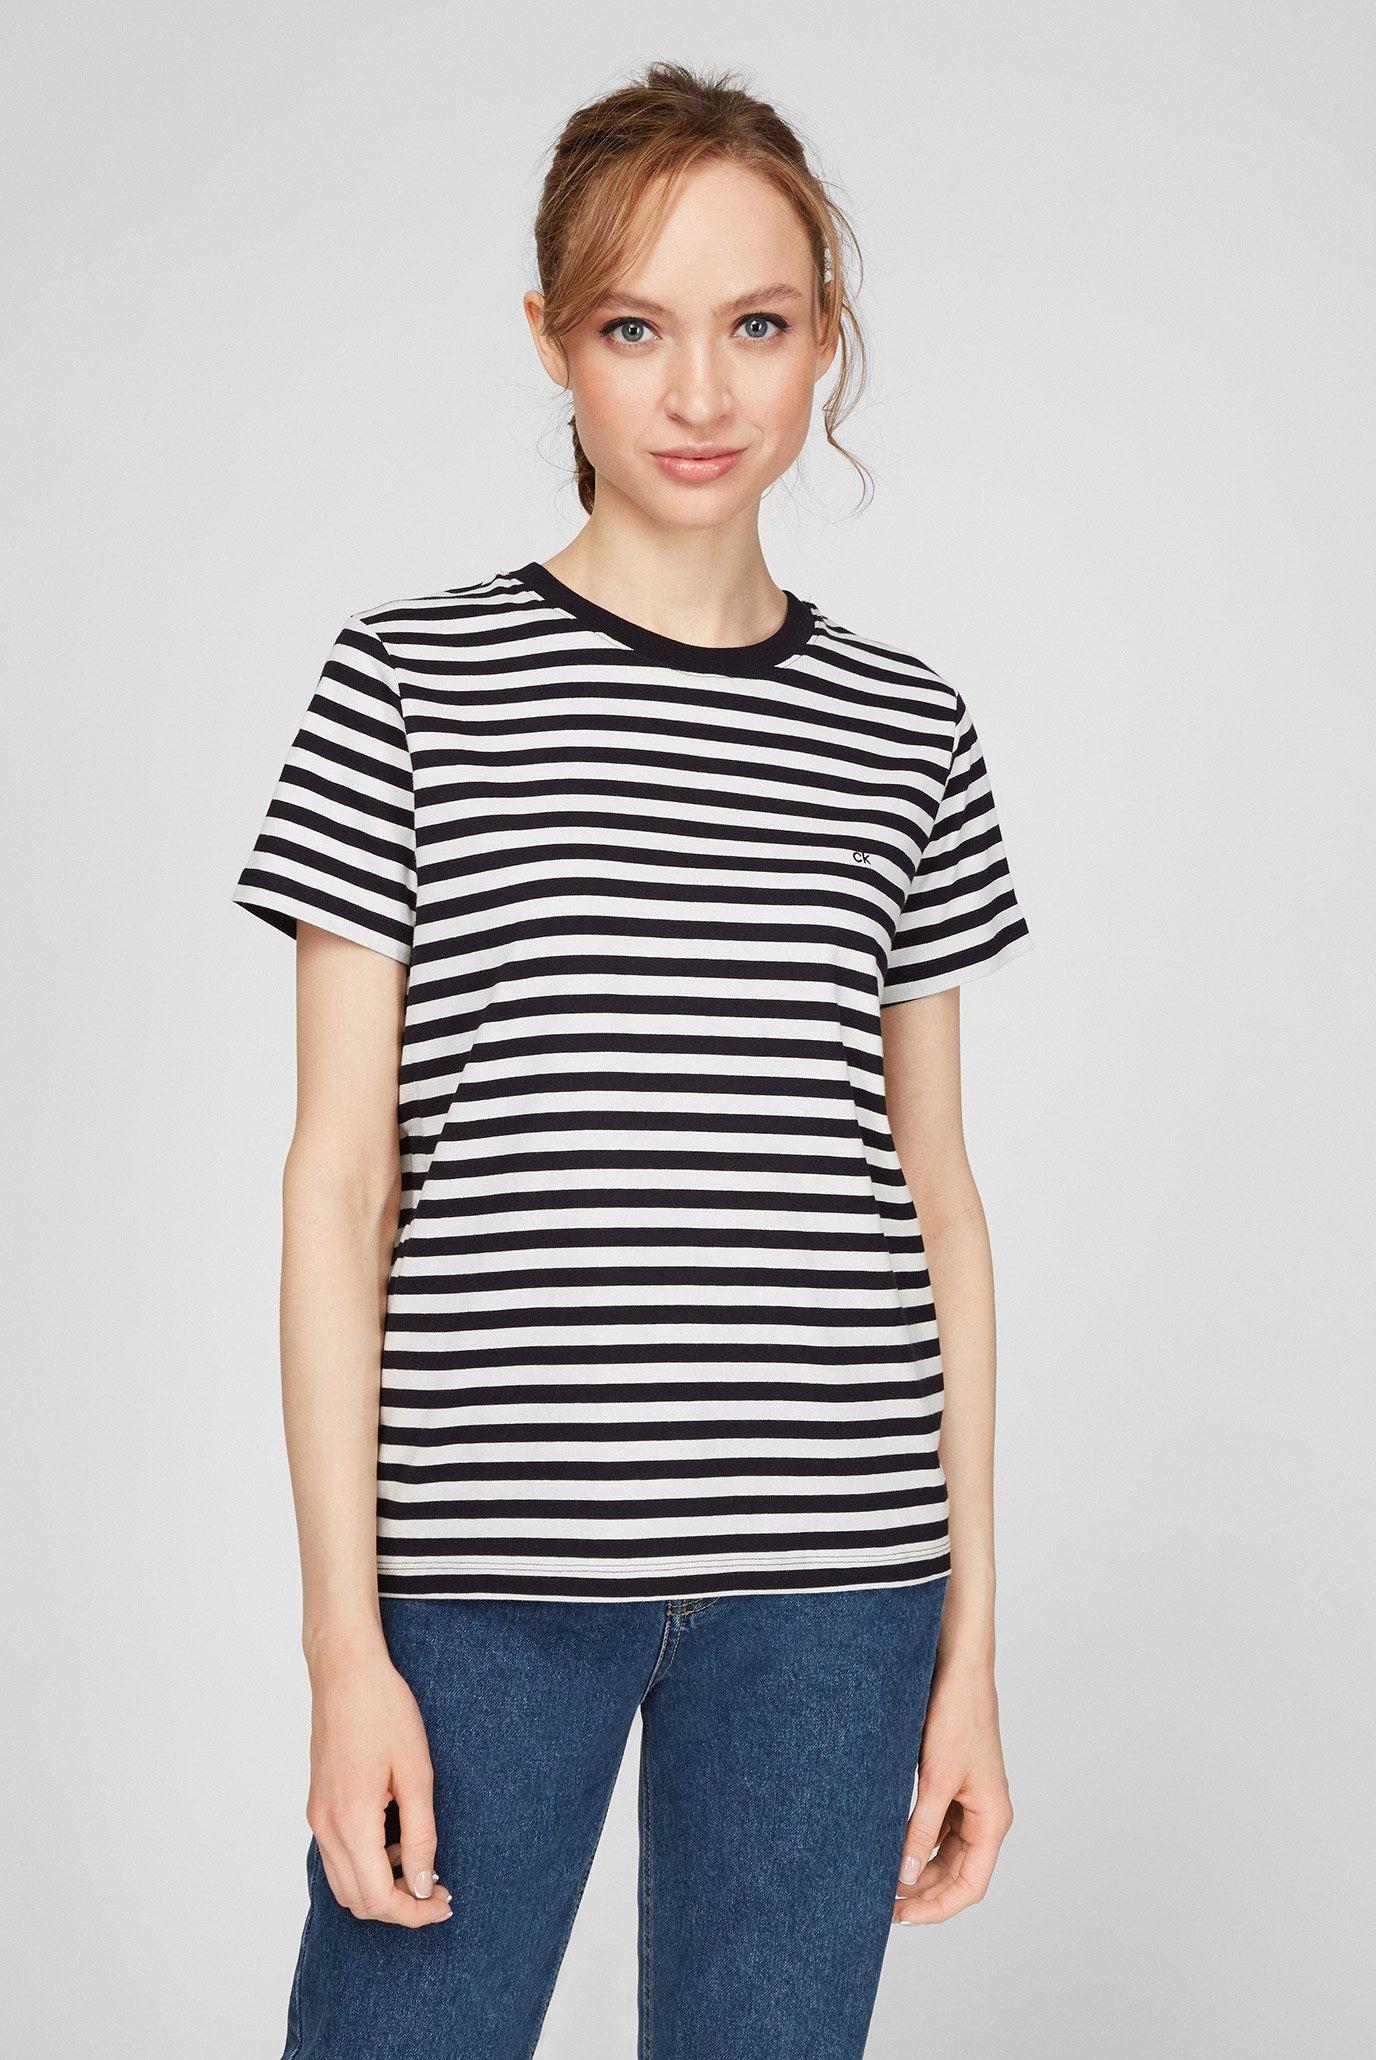 Женская футболка в полоску 1